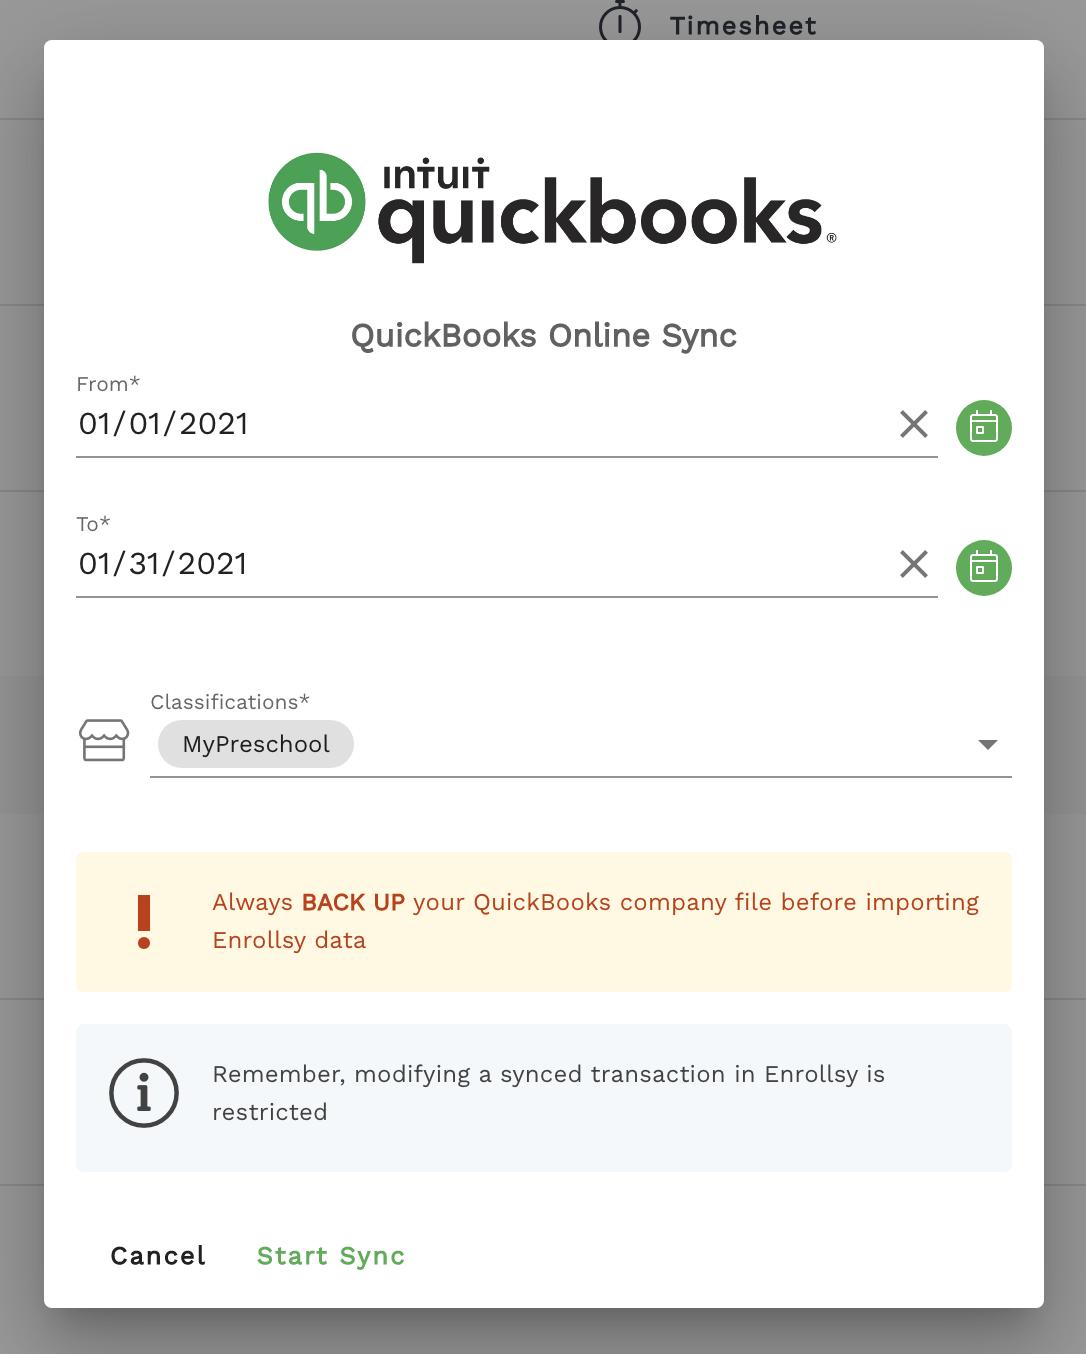 Enrollsy's Quickbooks Online integration